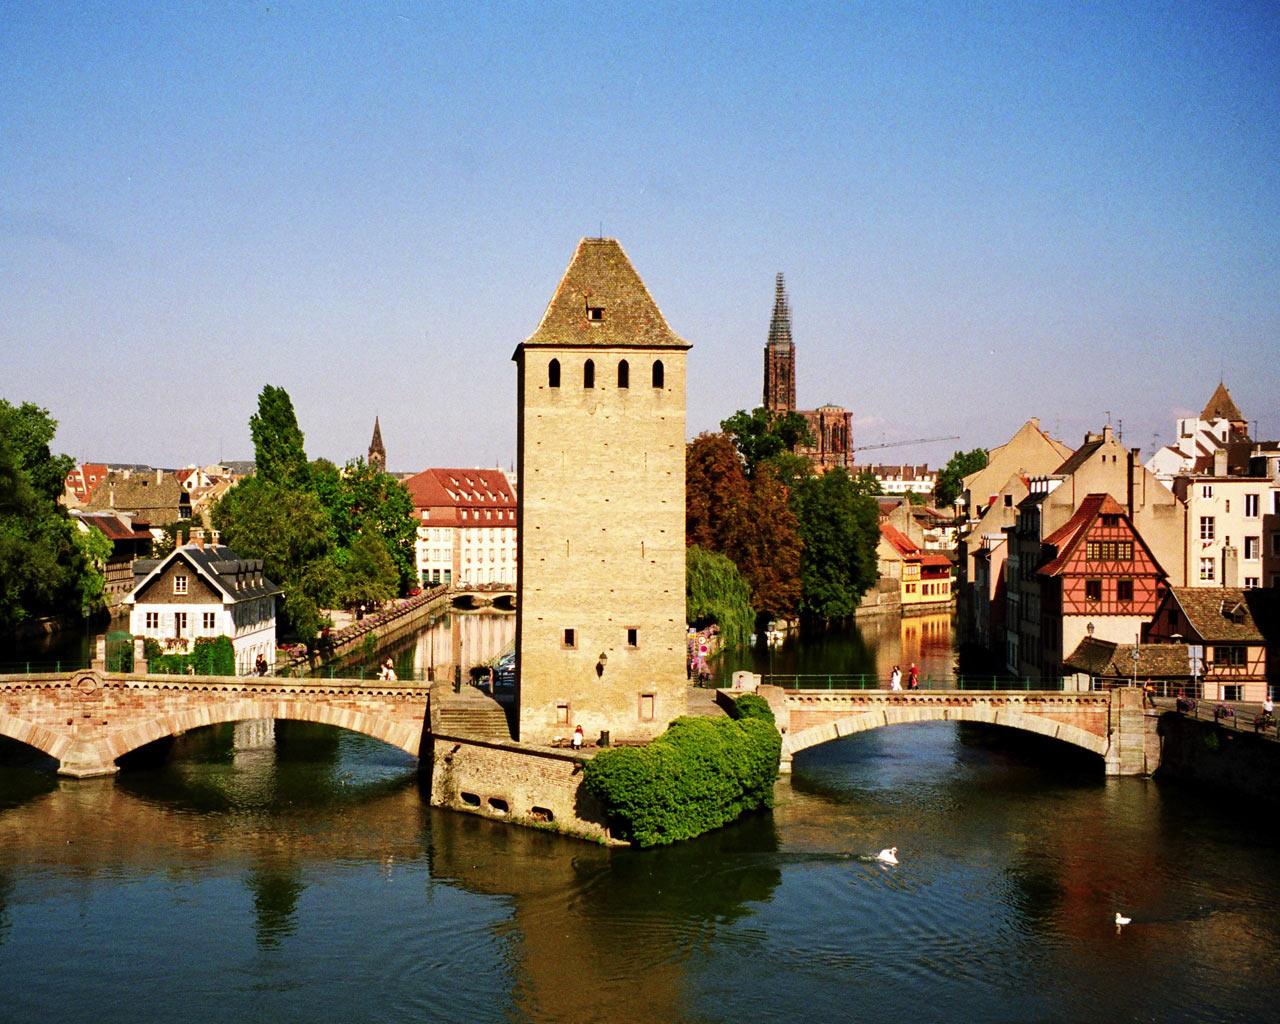 Paint dance sur le pont couvert 18x24 oil on linen for Strasbourg architecture